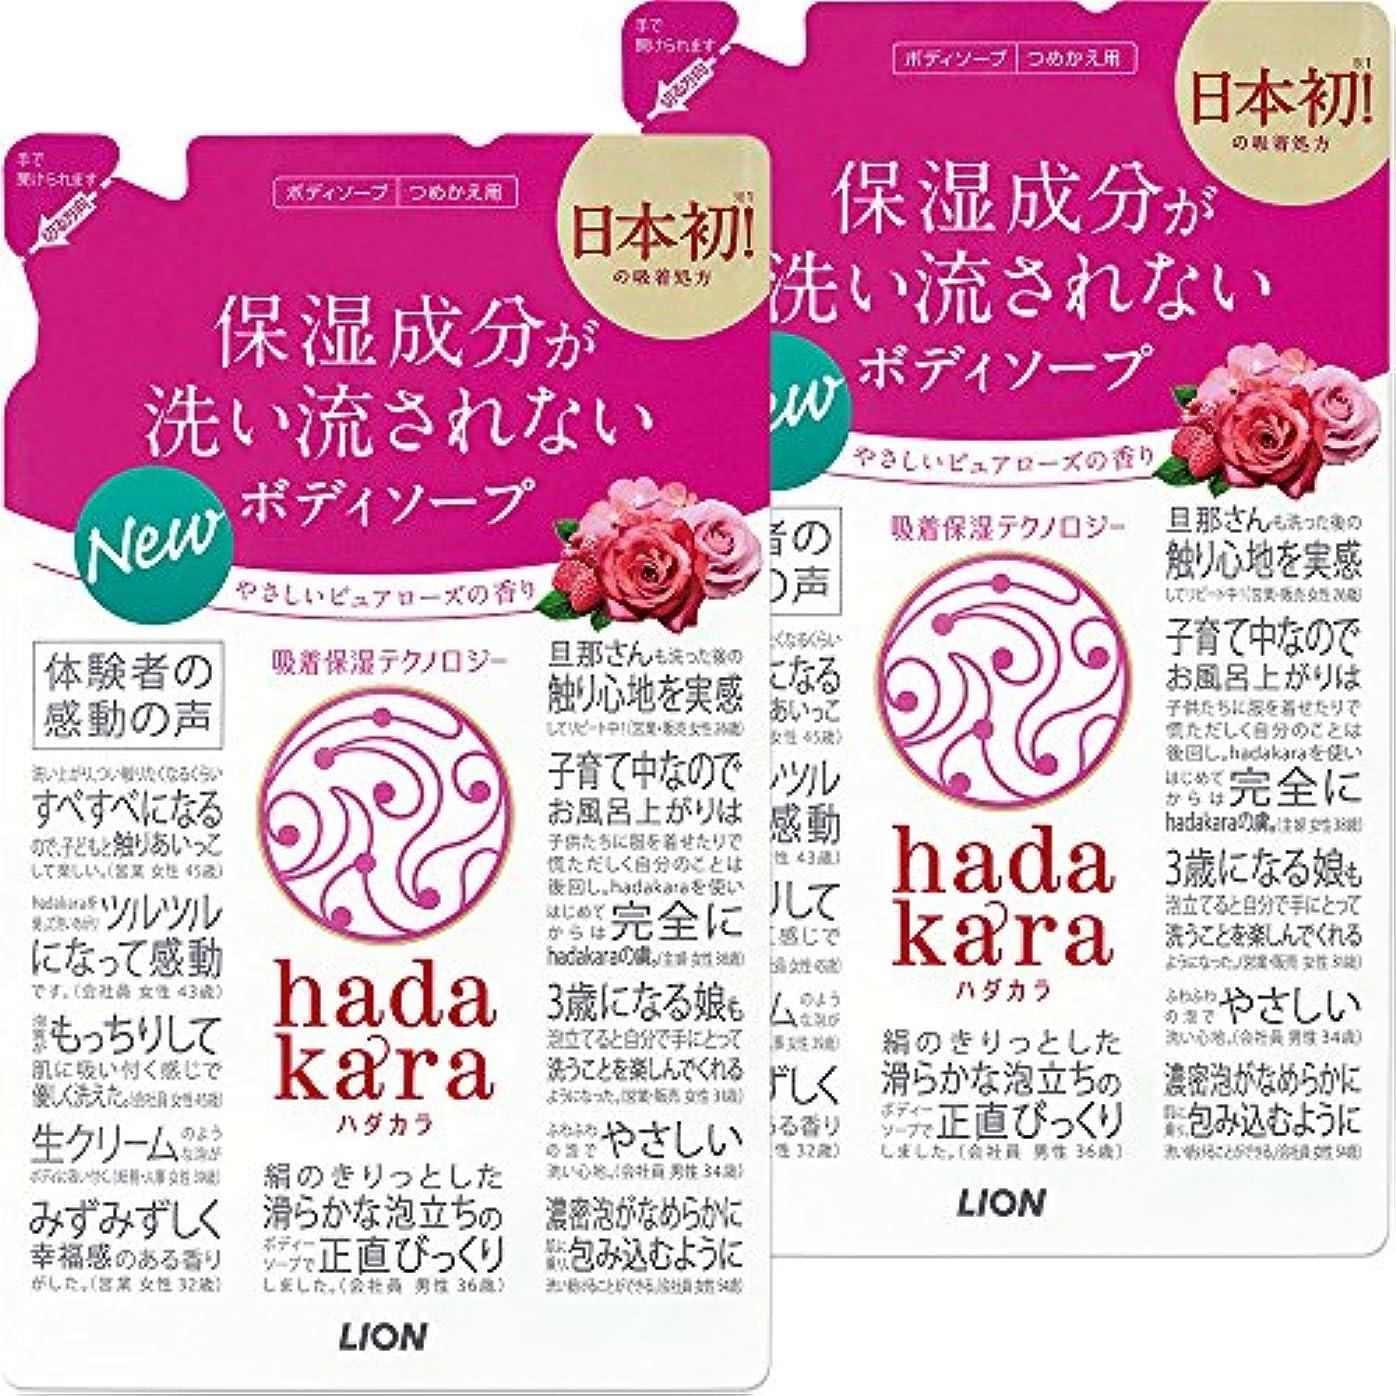 満員疑い資金【まとめ買い】hadakara(ハダカラ) ボディソープ ピュアローズの香り 詰め替え 360ml×2個パック